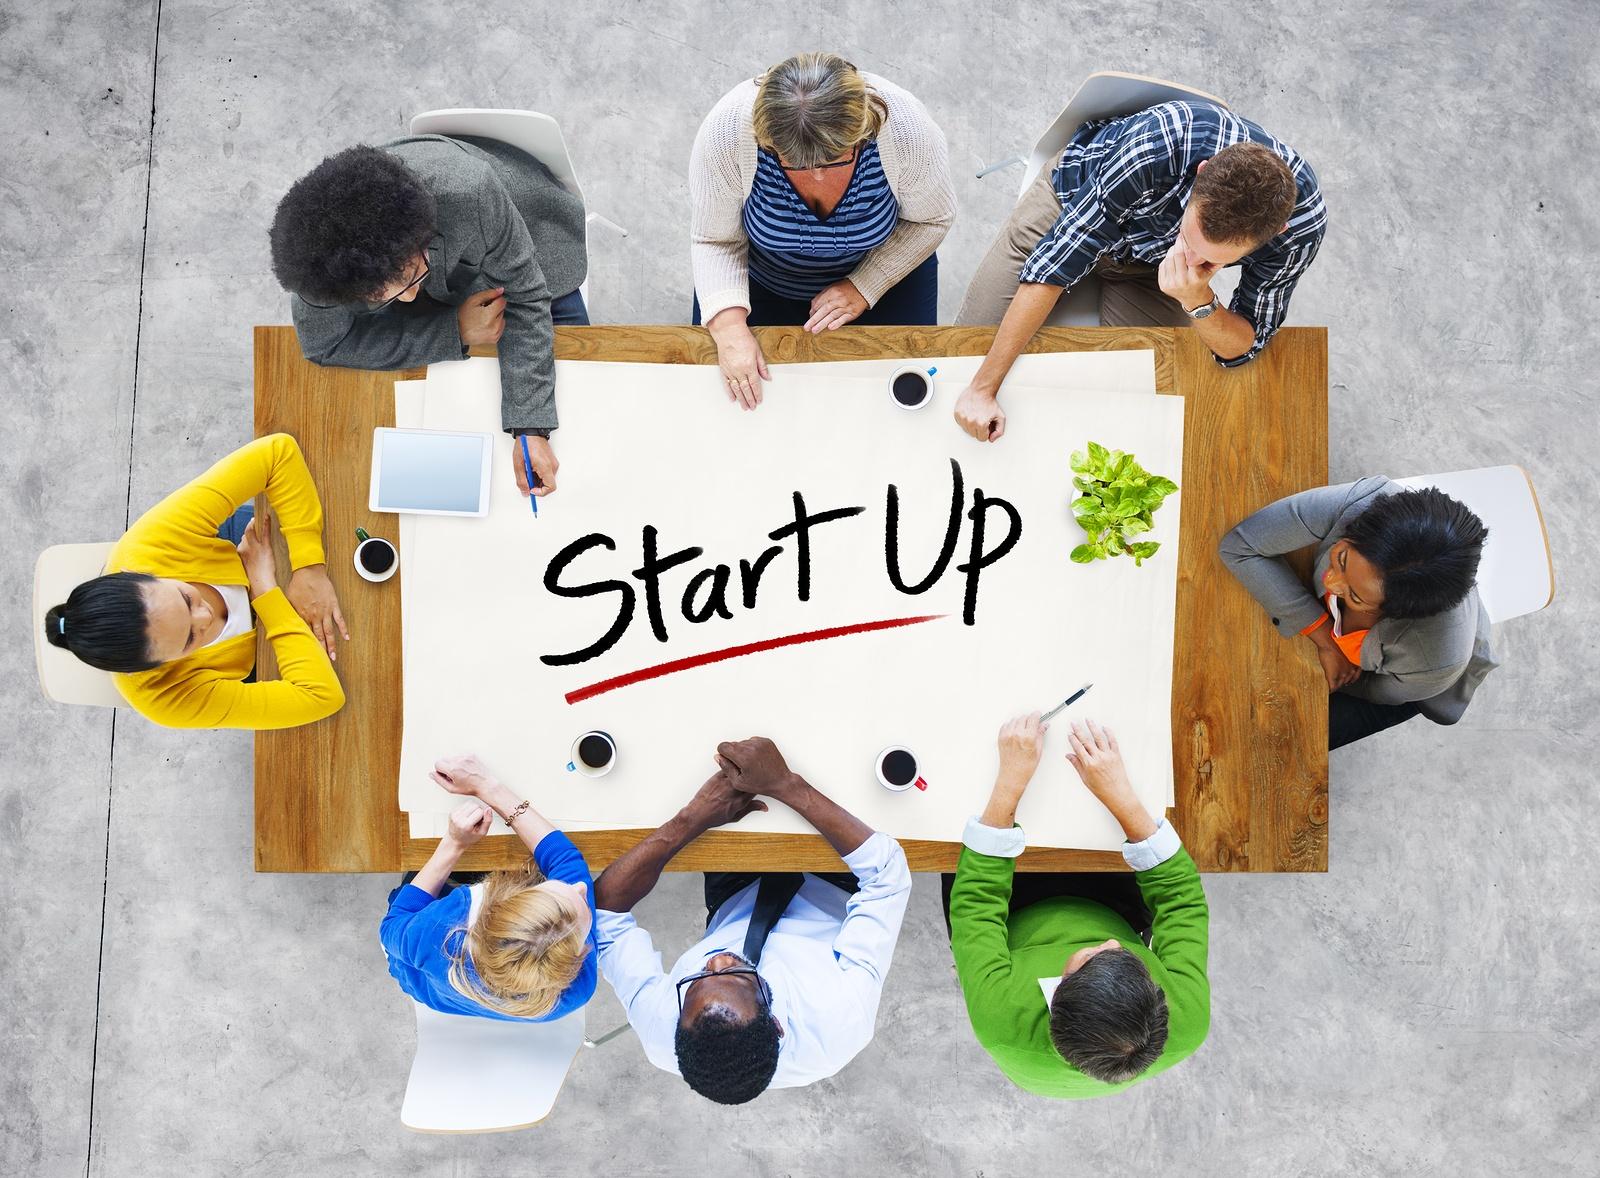 startuploans.jpg